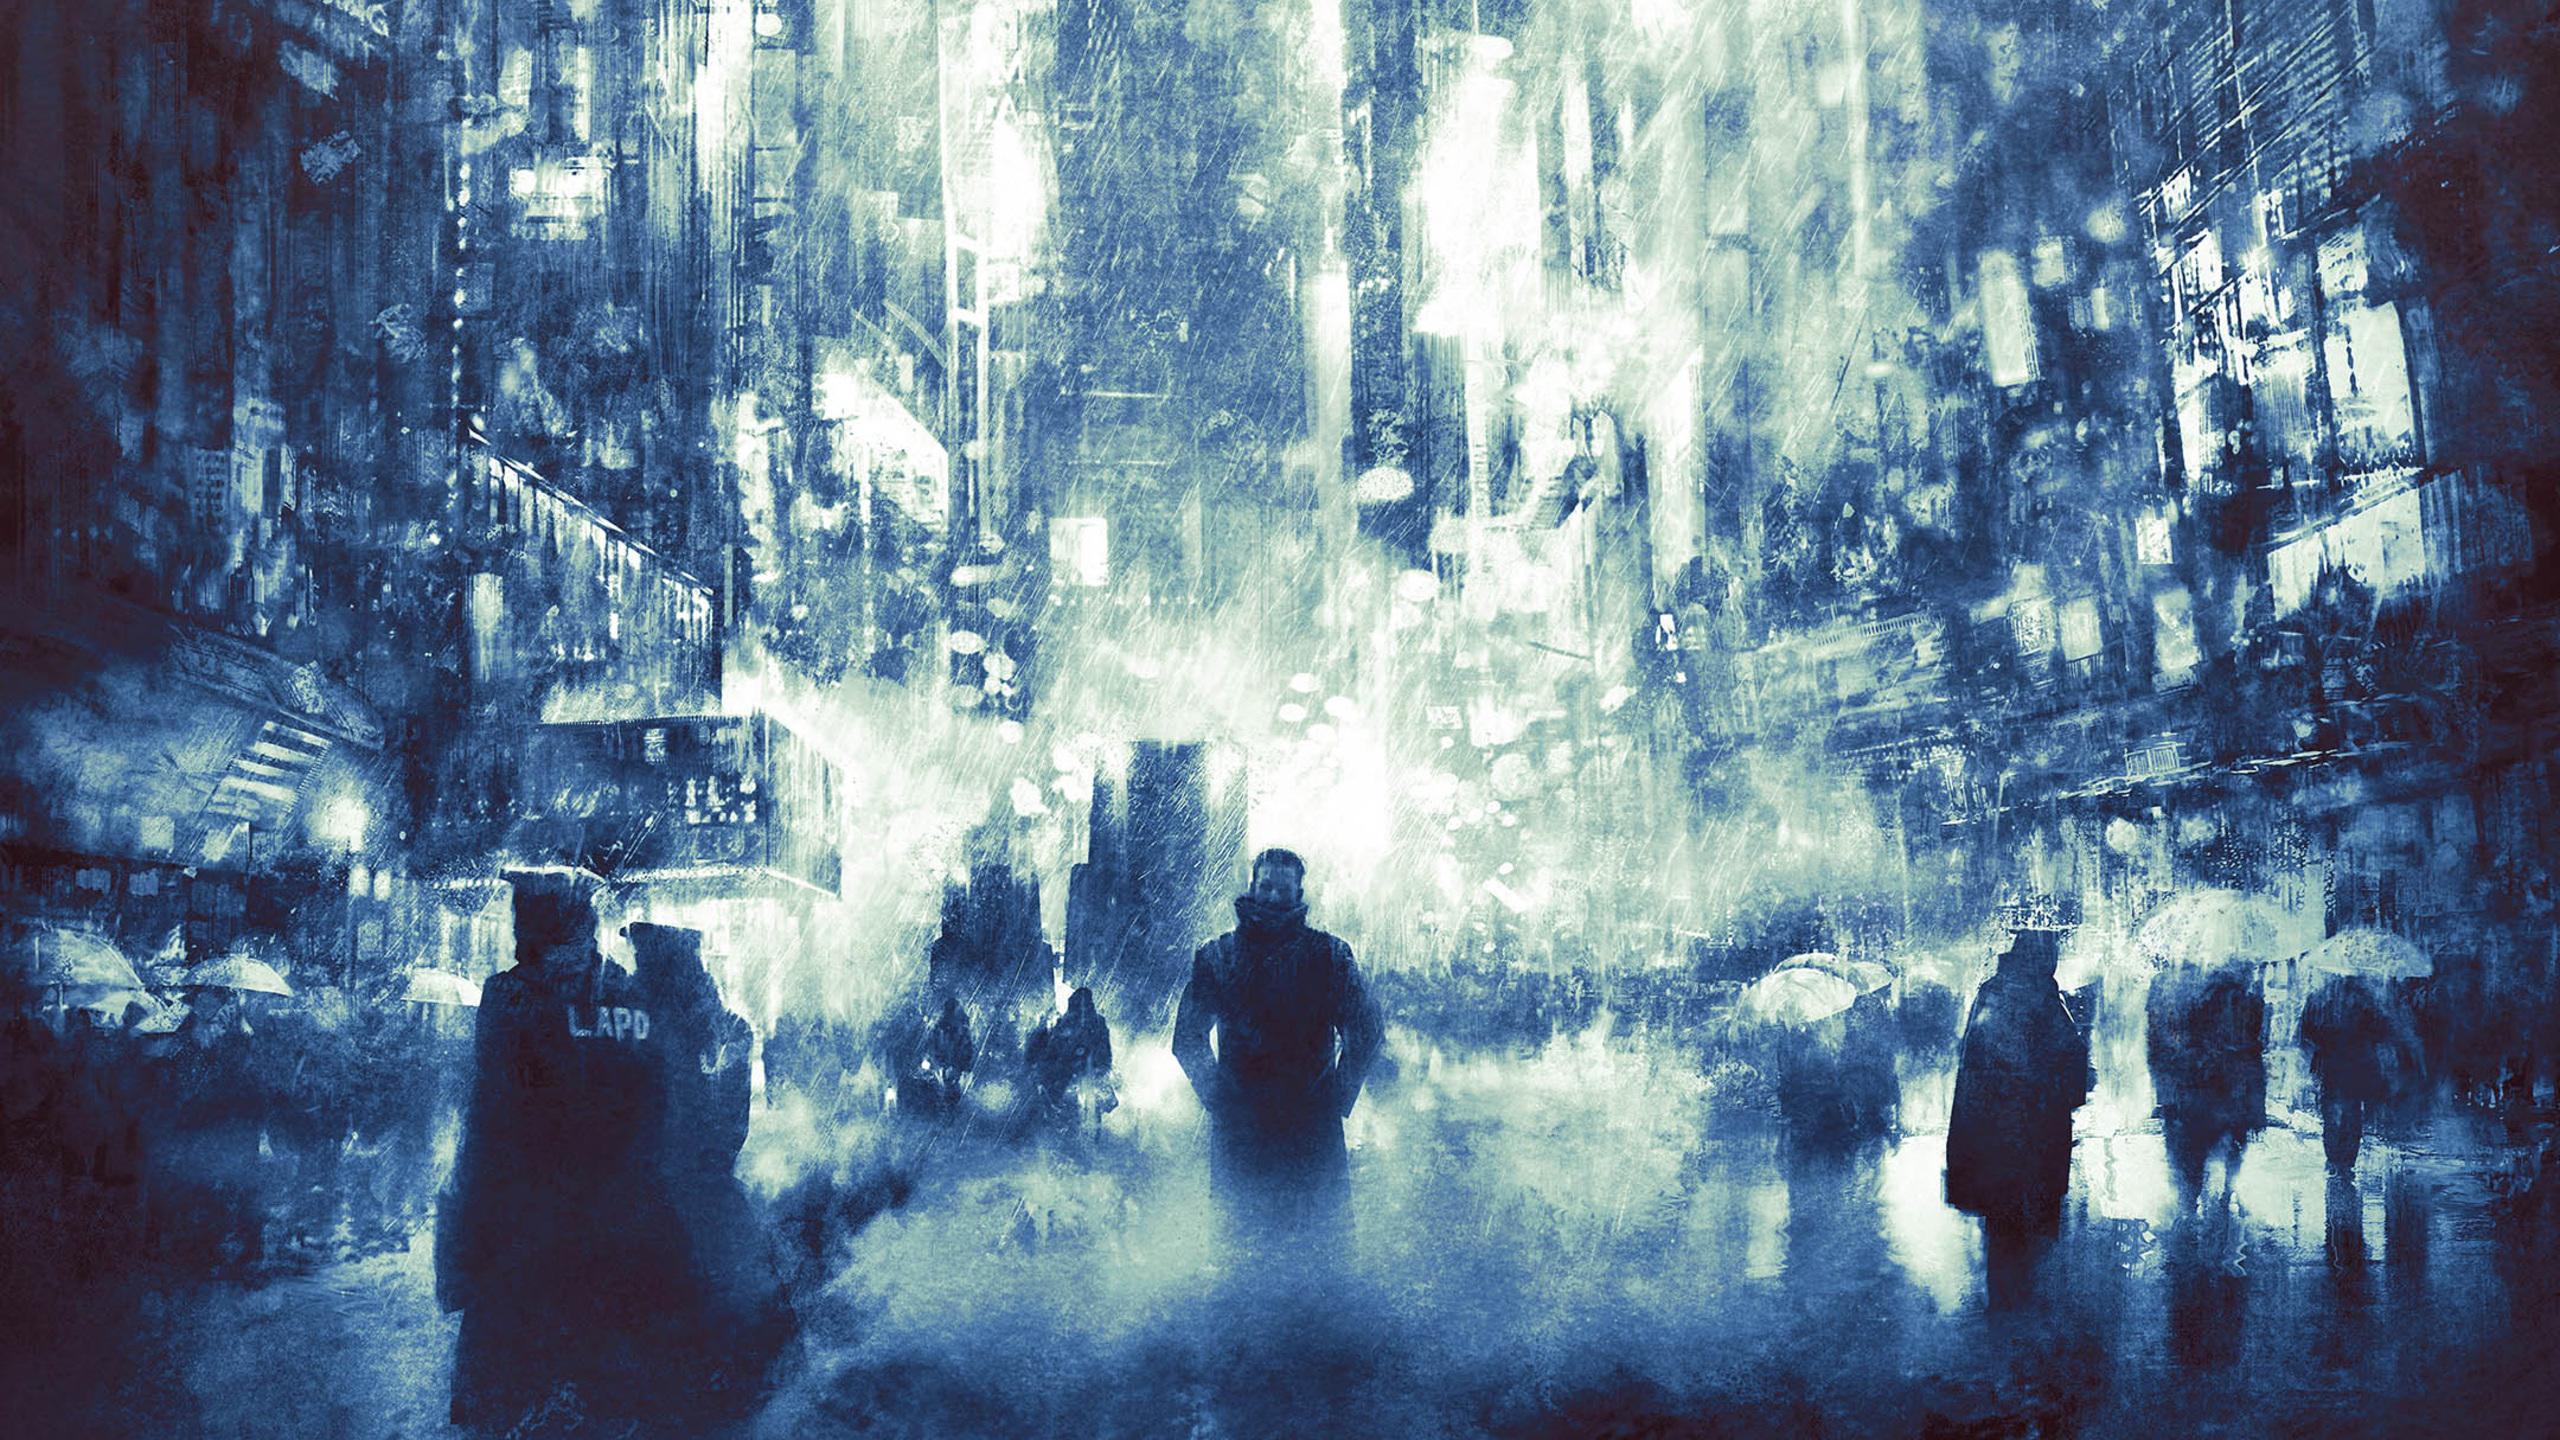 2560x1440 Blade Runner 2049 Art 1440P Resolution HD 4k ...